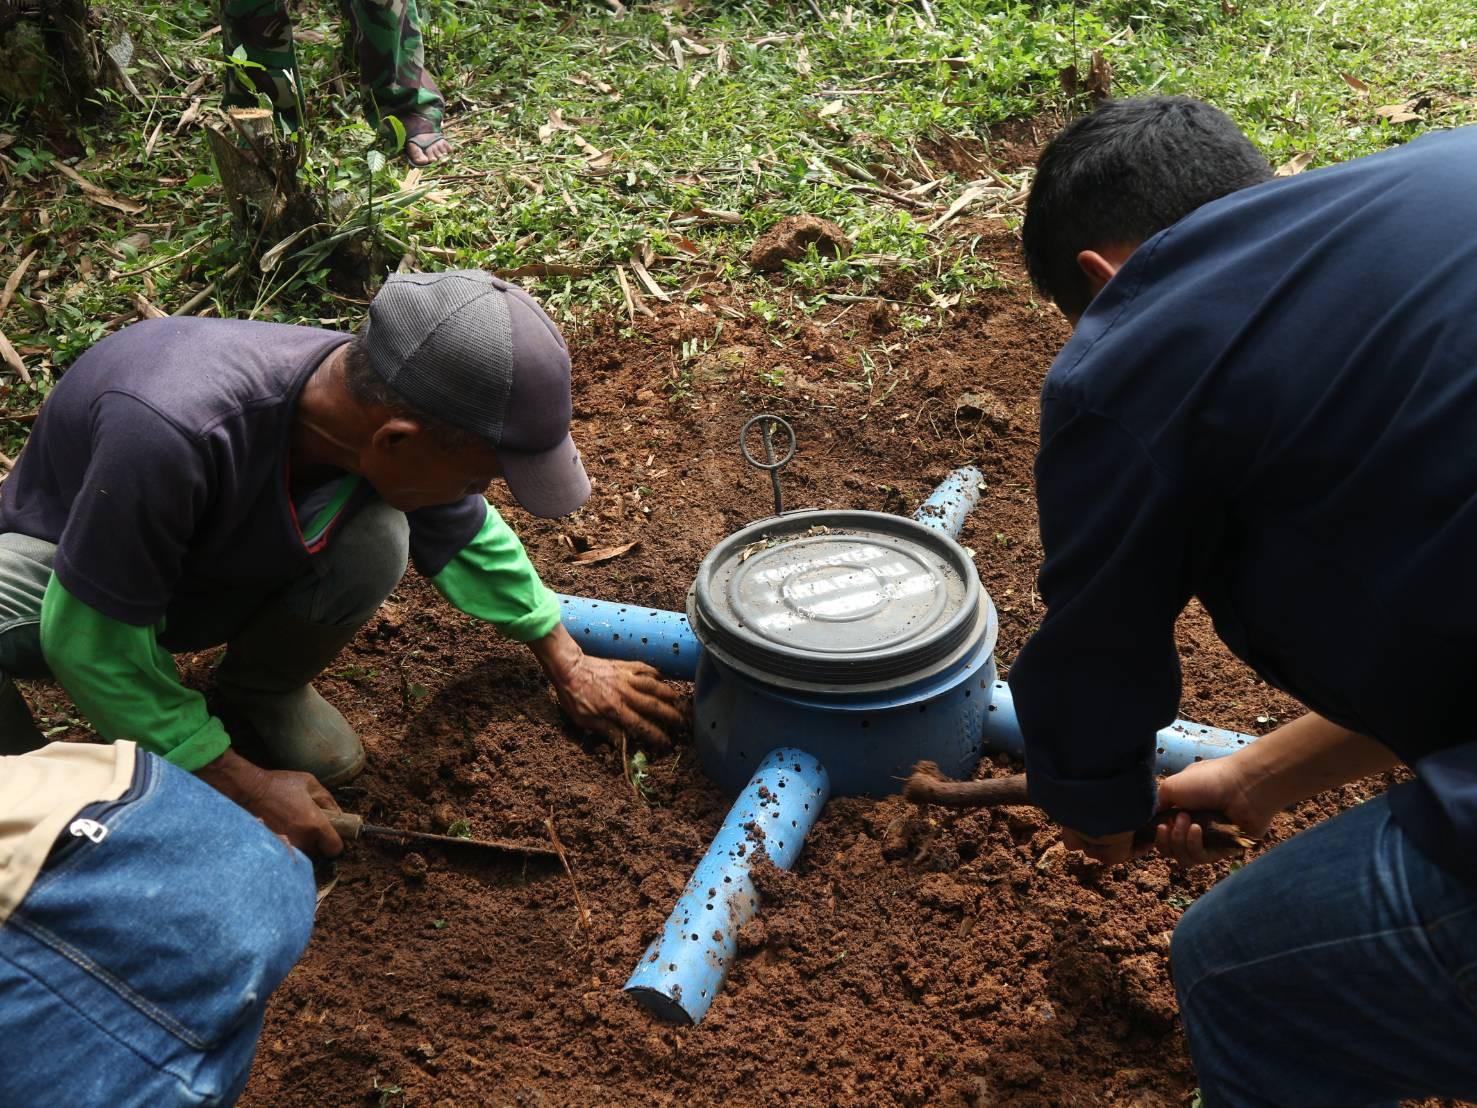 Itb Buatkan Alat Pengolahan Sampah Rumah Tangga Menjadi Pupuk Kompos Institut Teknologi Bandung Cara mengatasi limbah rumah tangga